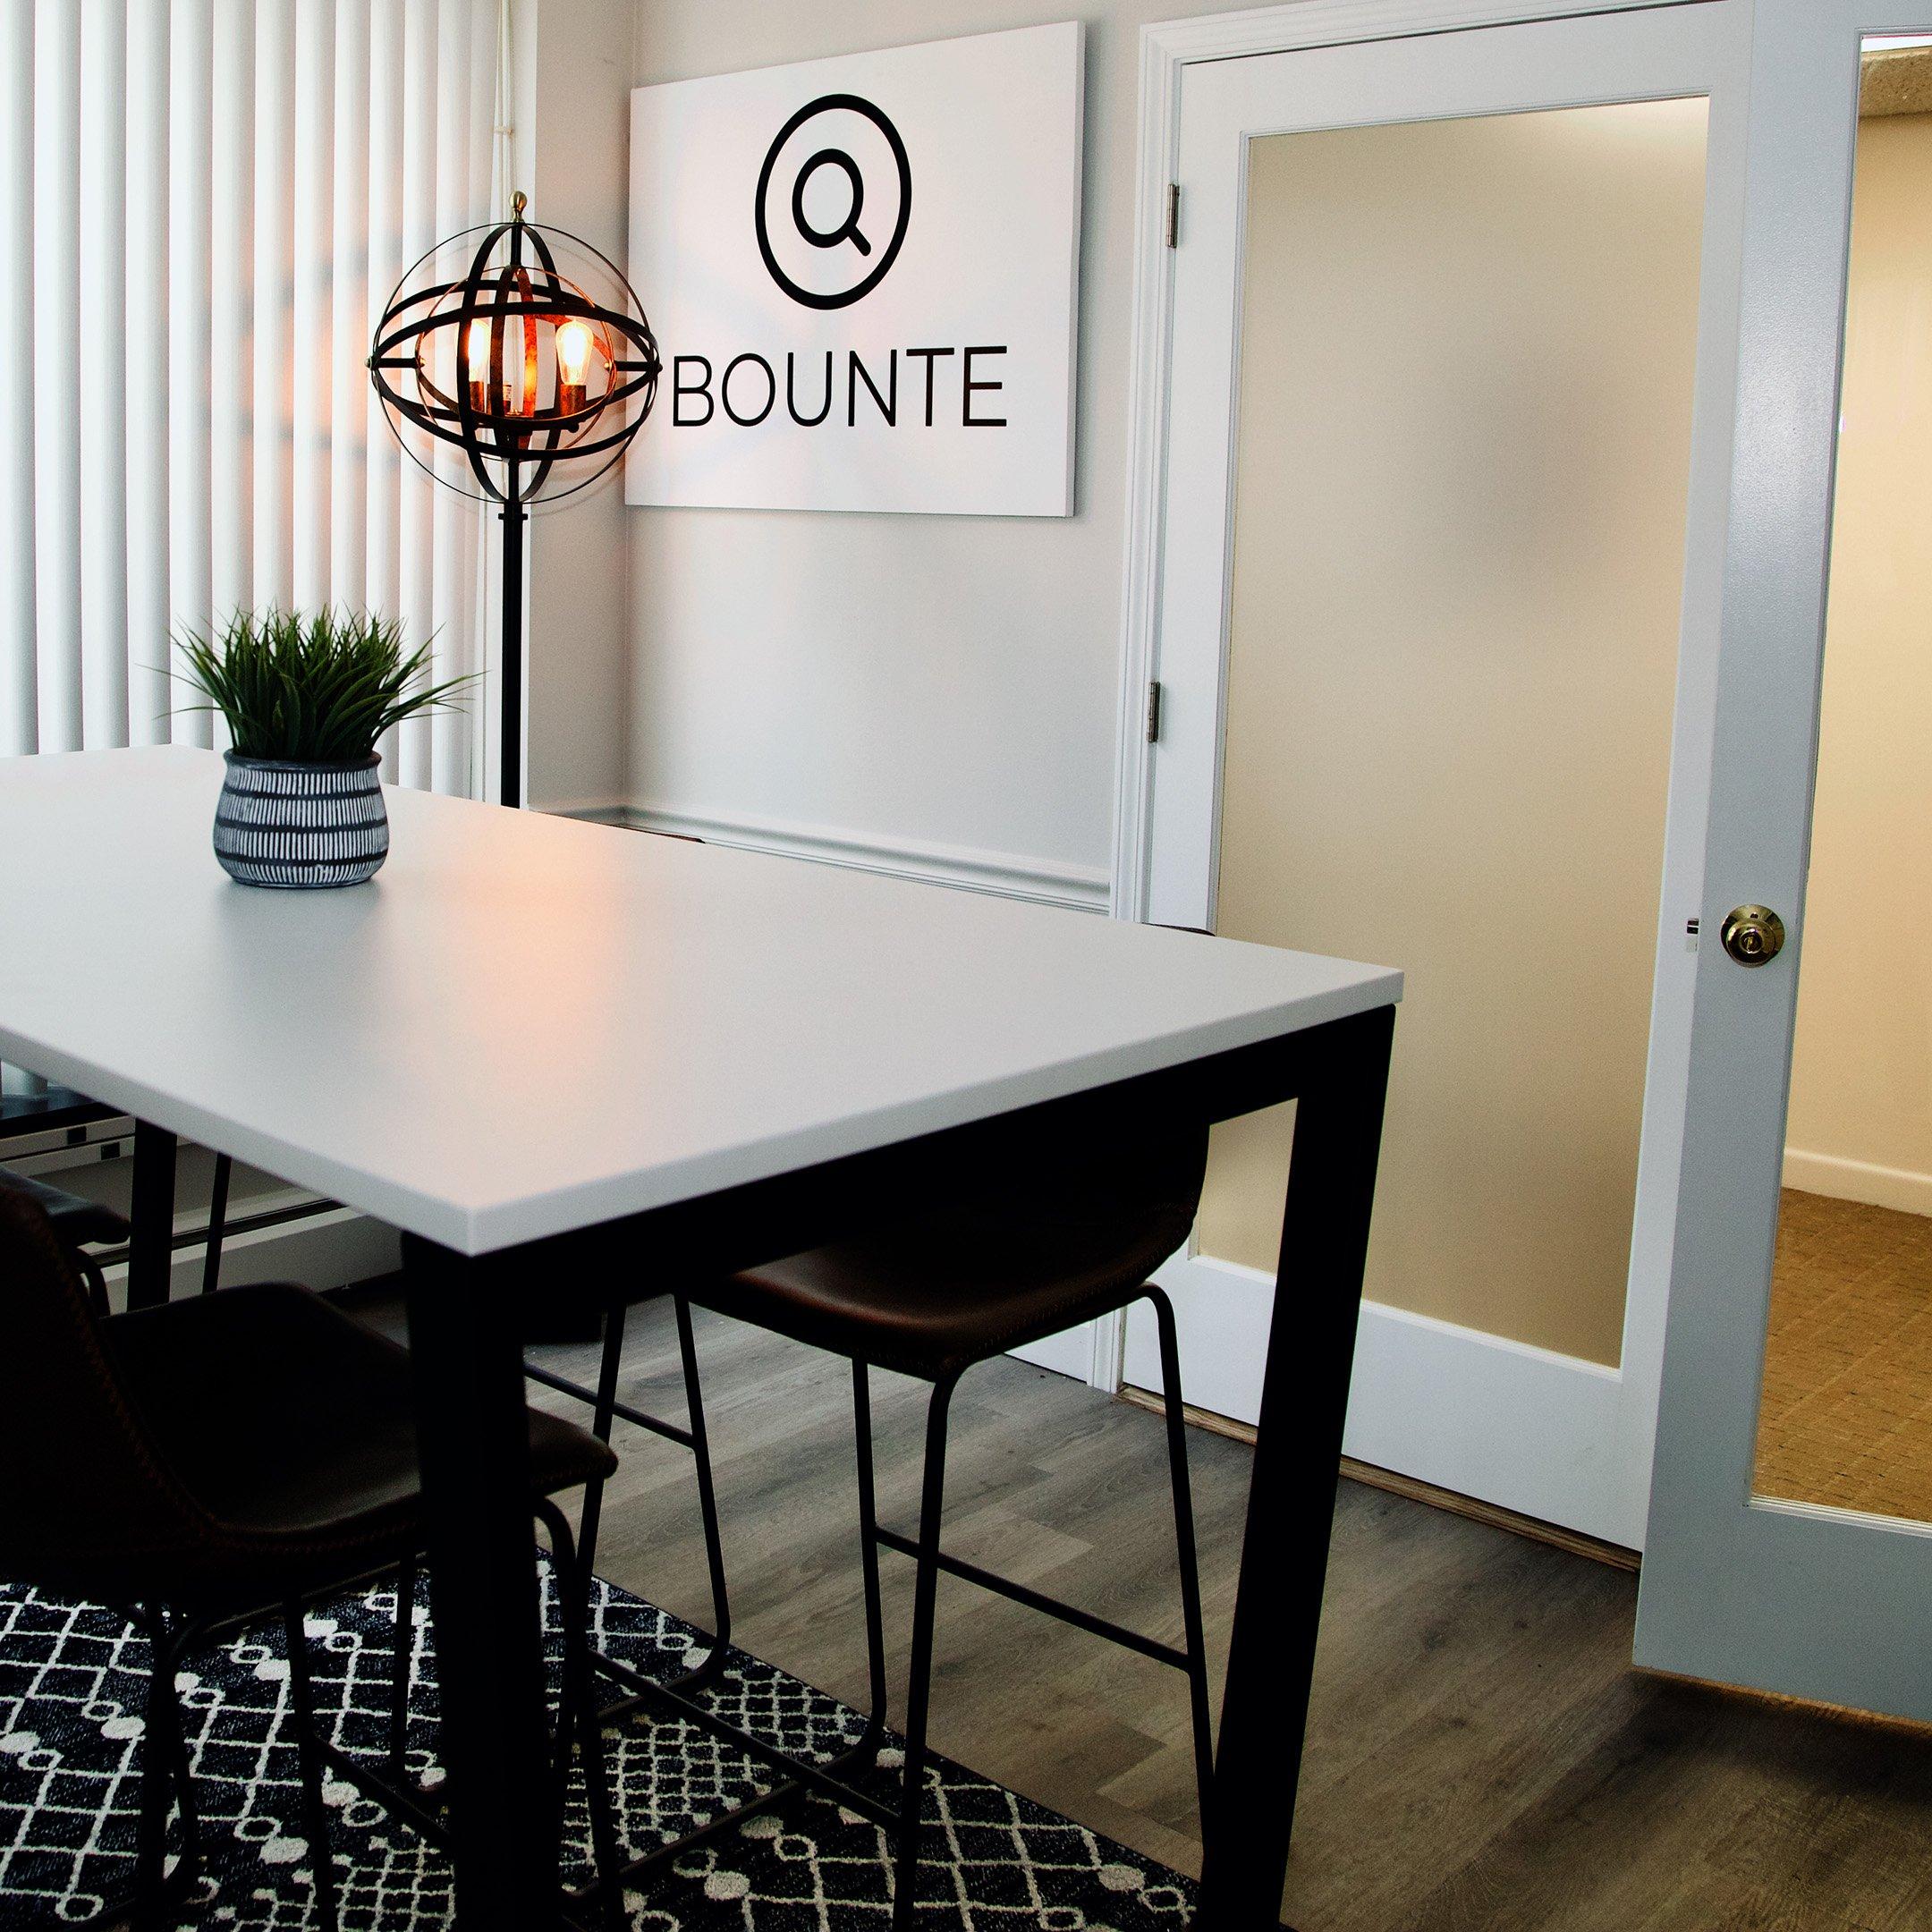 BOUNTE Office